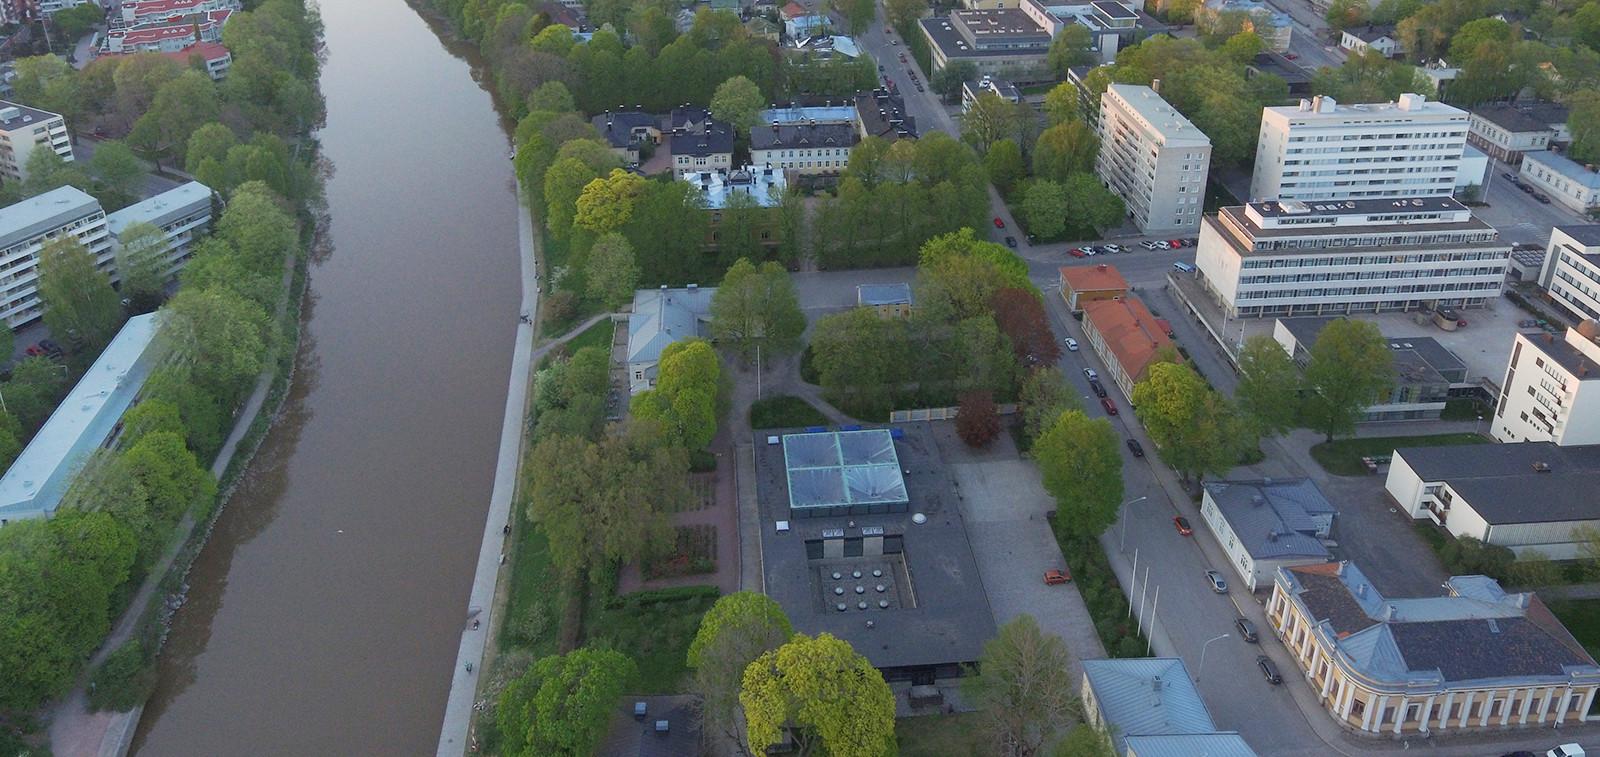 Ilmakuva, jossa näkyy Aurajokea ja Piispankatua ympäristöineen.